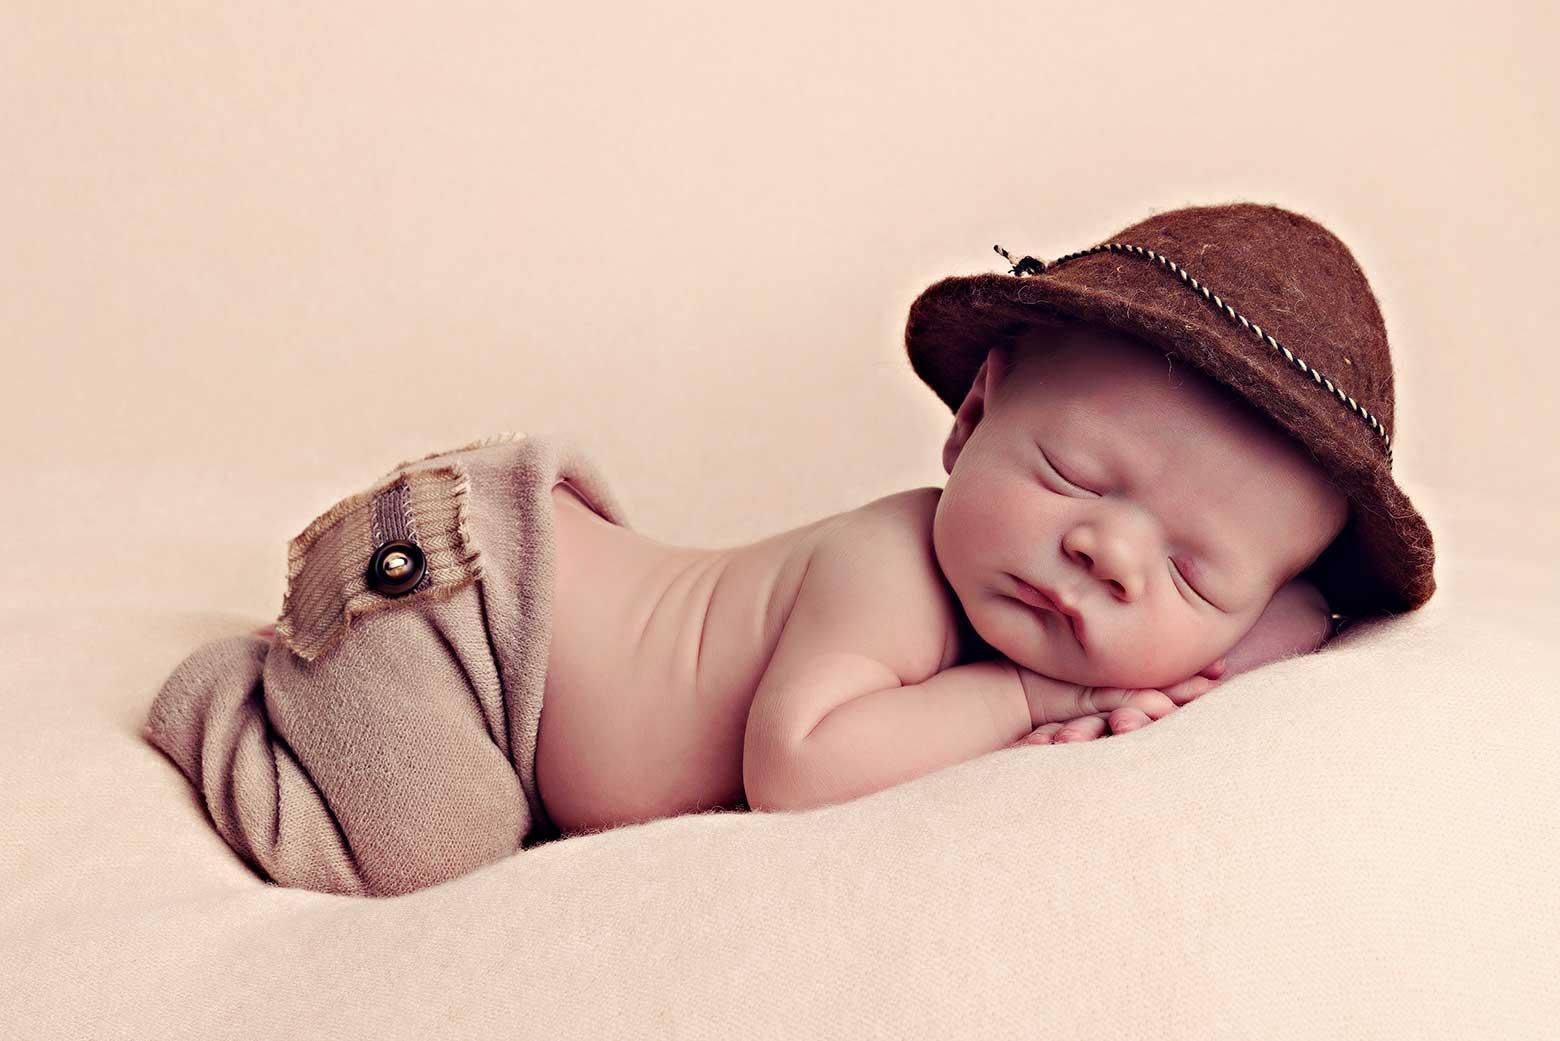 Baby Fotoshooting Neugeborenes mit Hut Fotoshooting